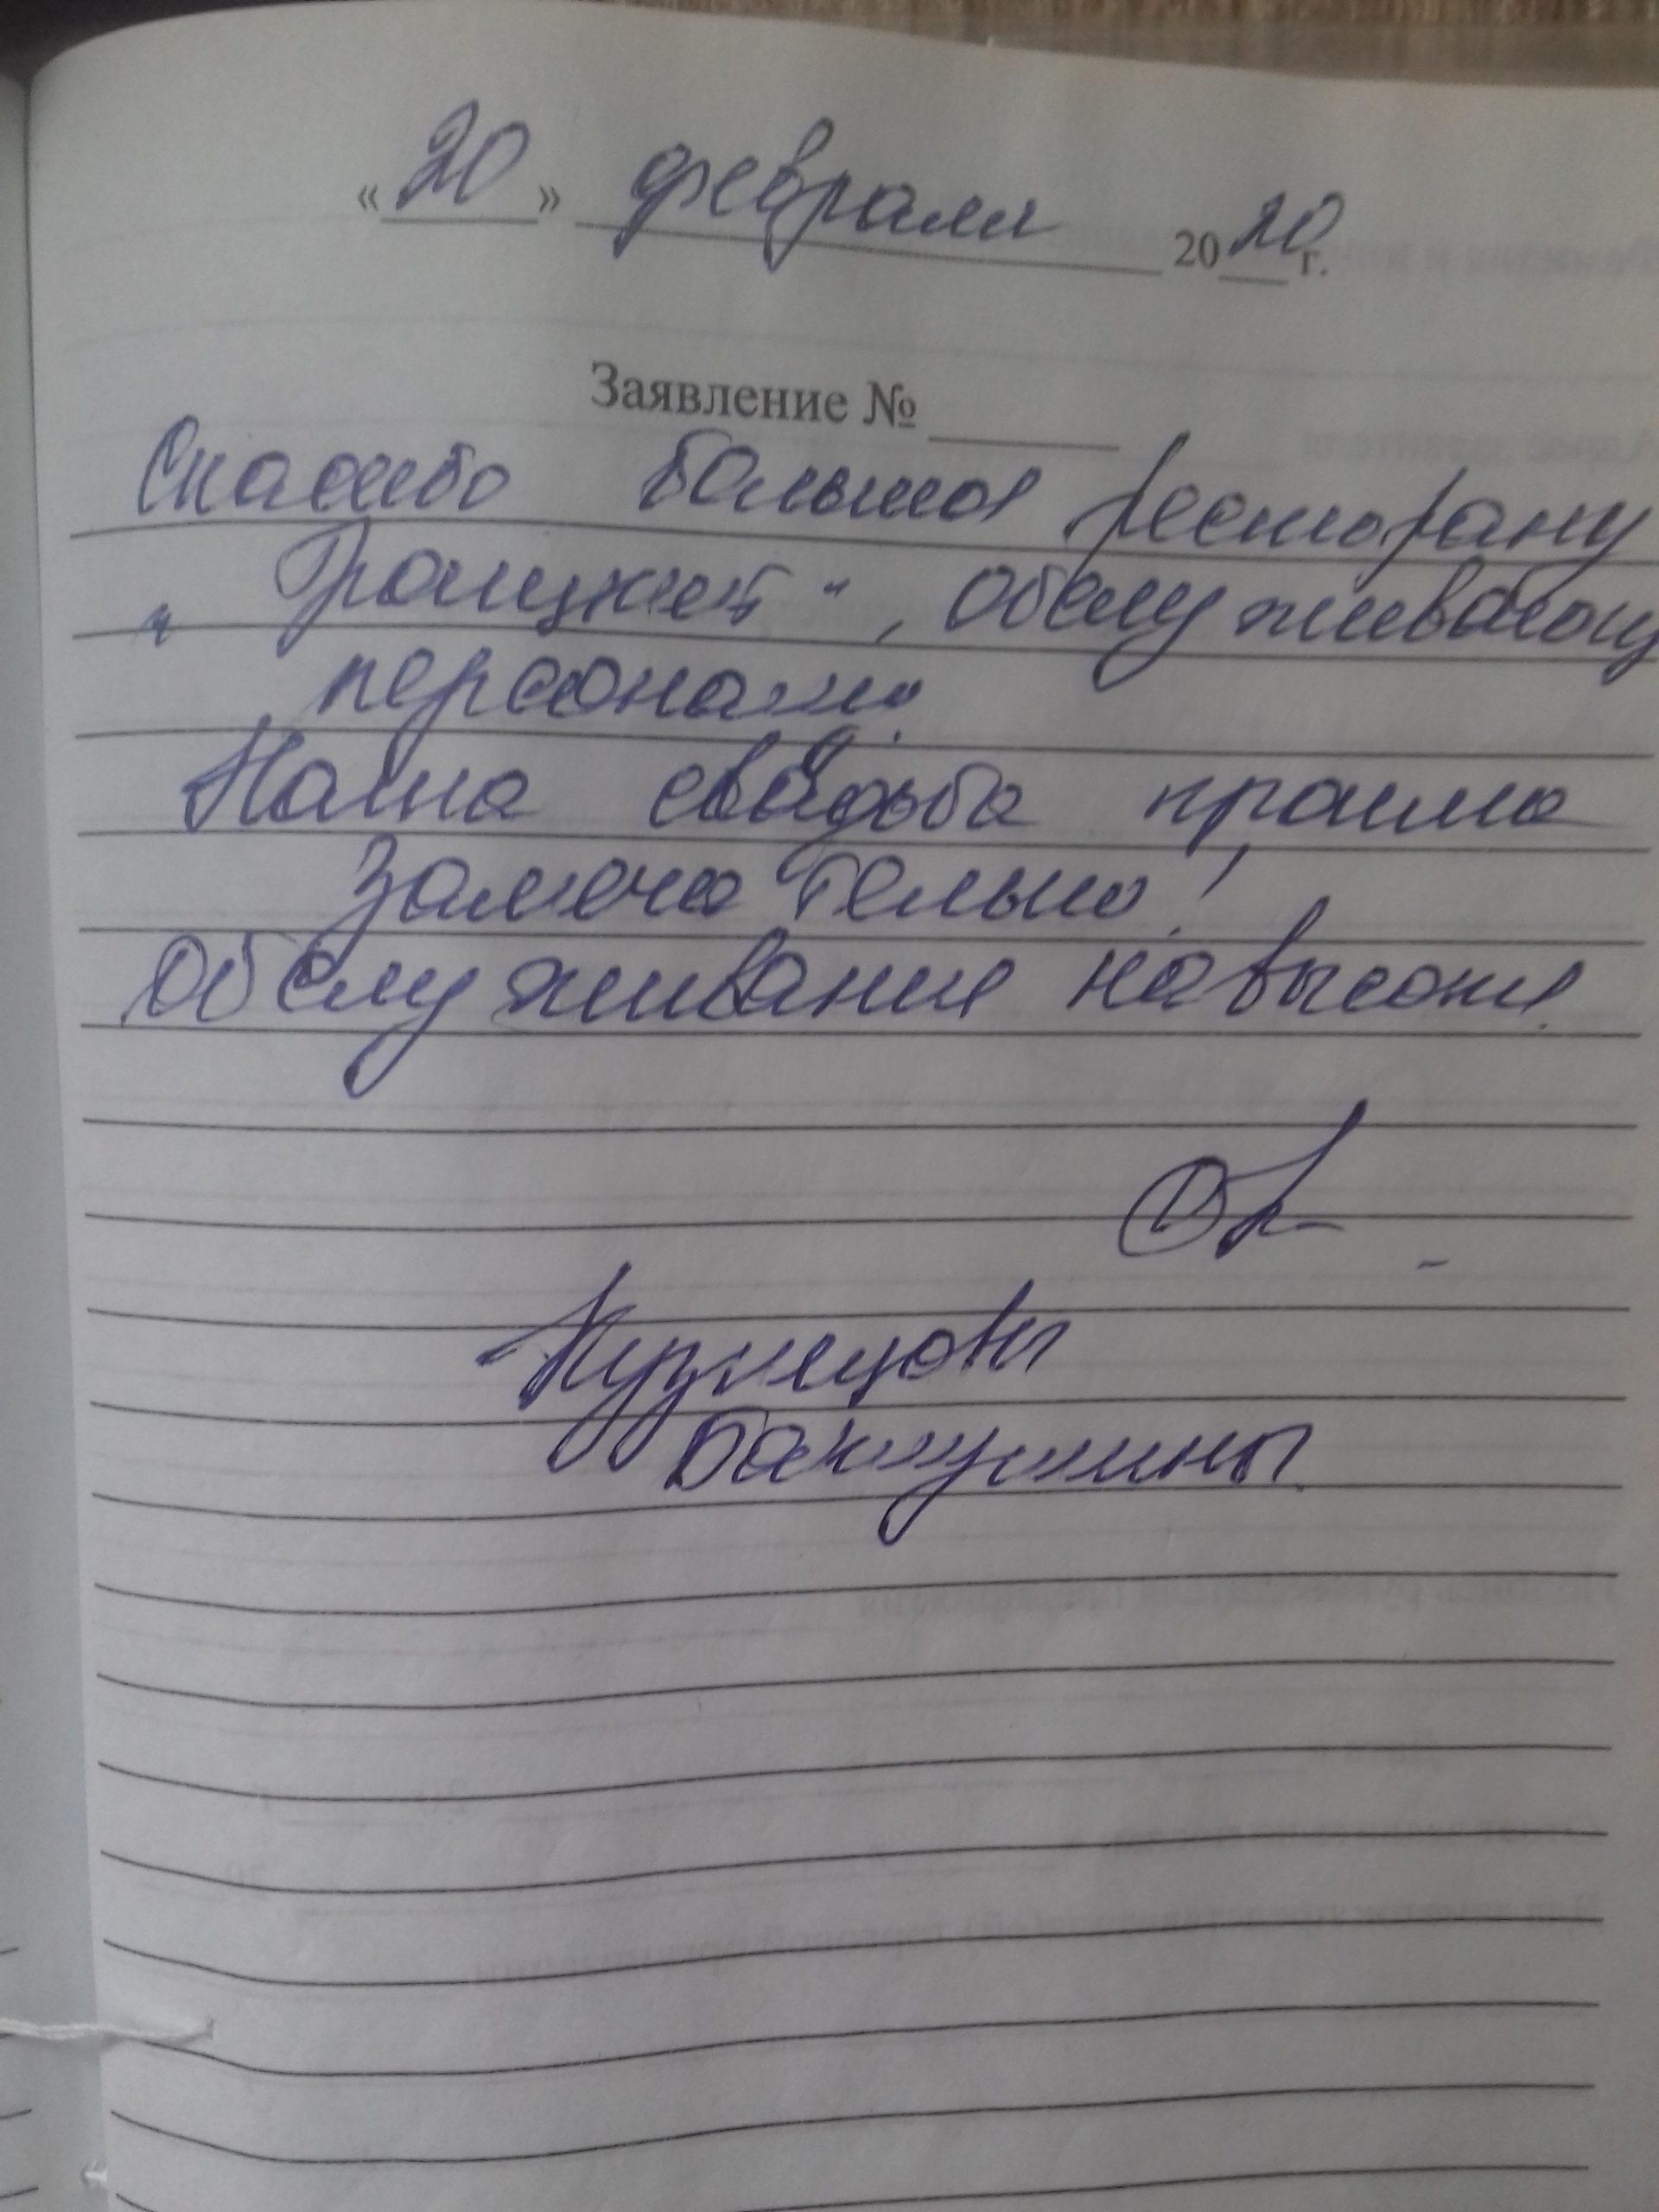 Кузнецовы и Баклушины